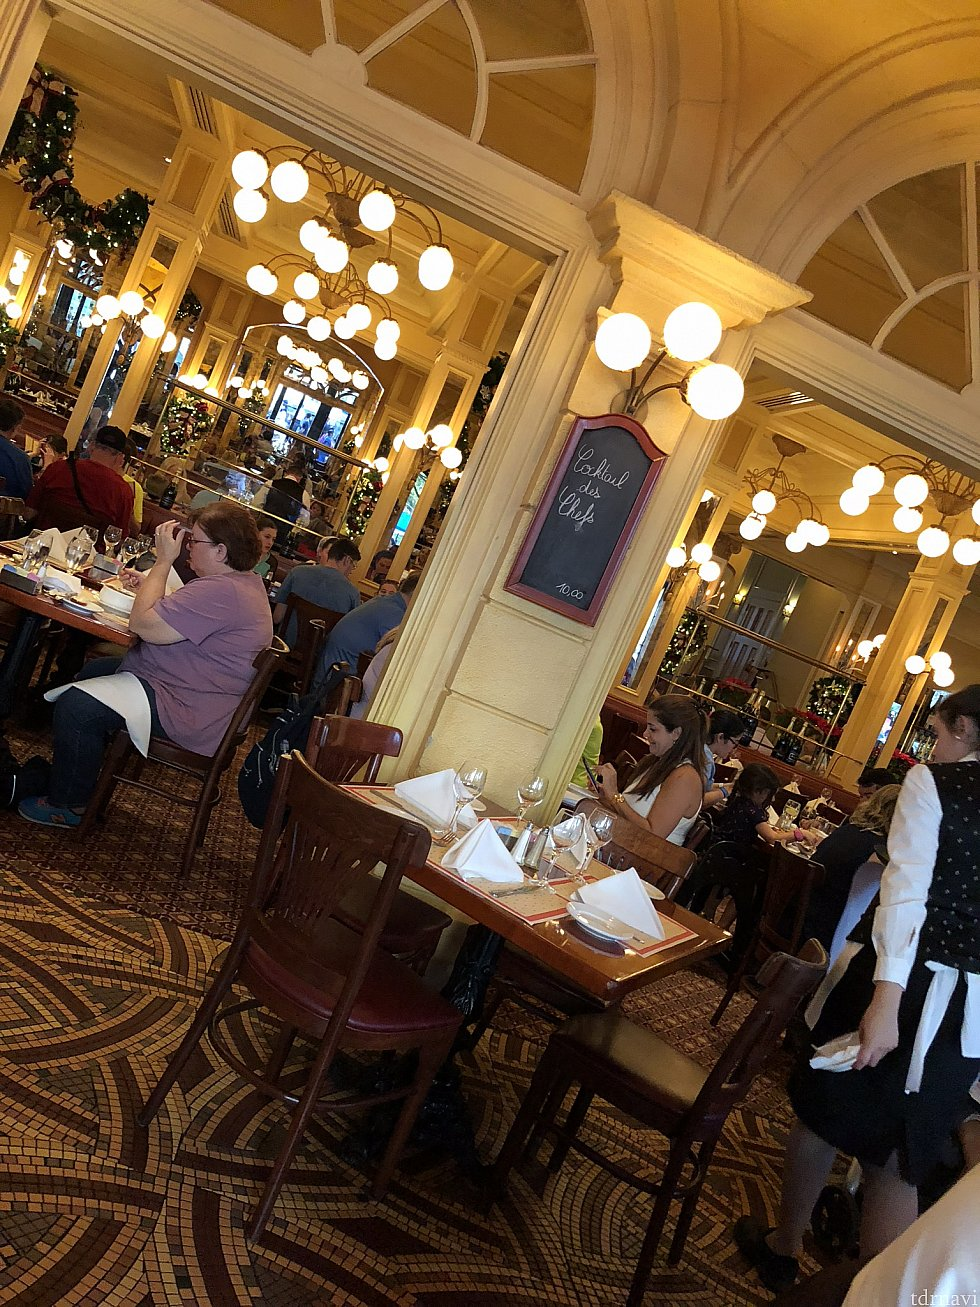 レストラン内の雰囲気。本当にフランスにいるような気分にさせてくれます。この日のサービスも最高に良かったです。